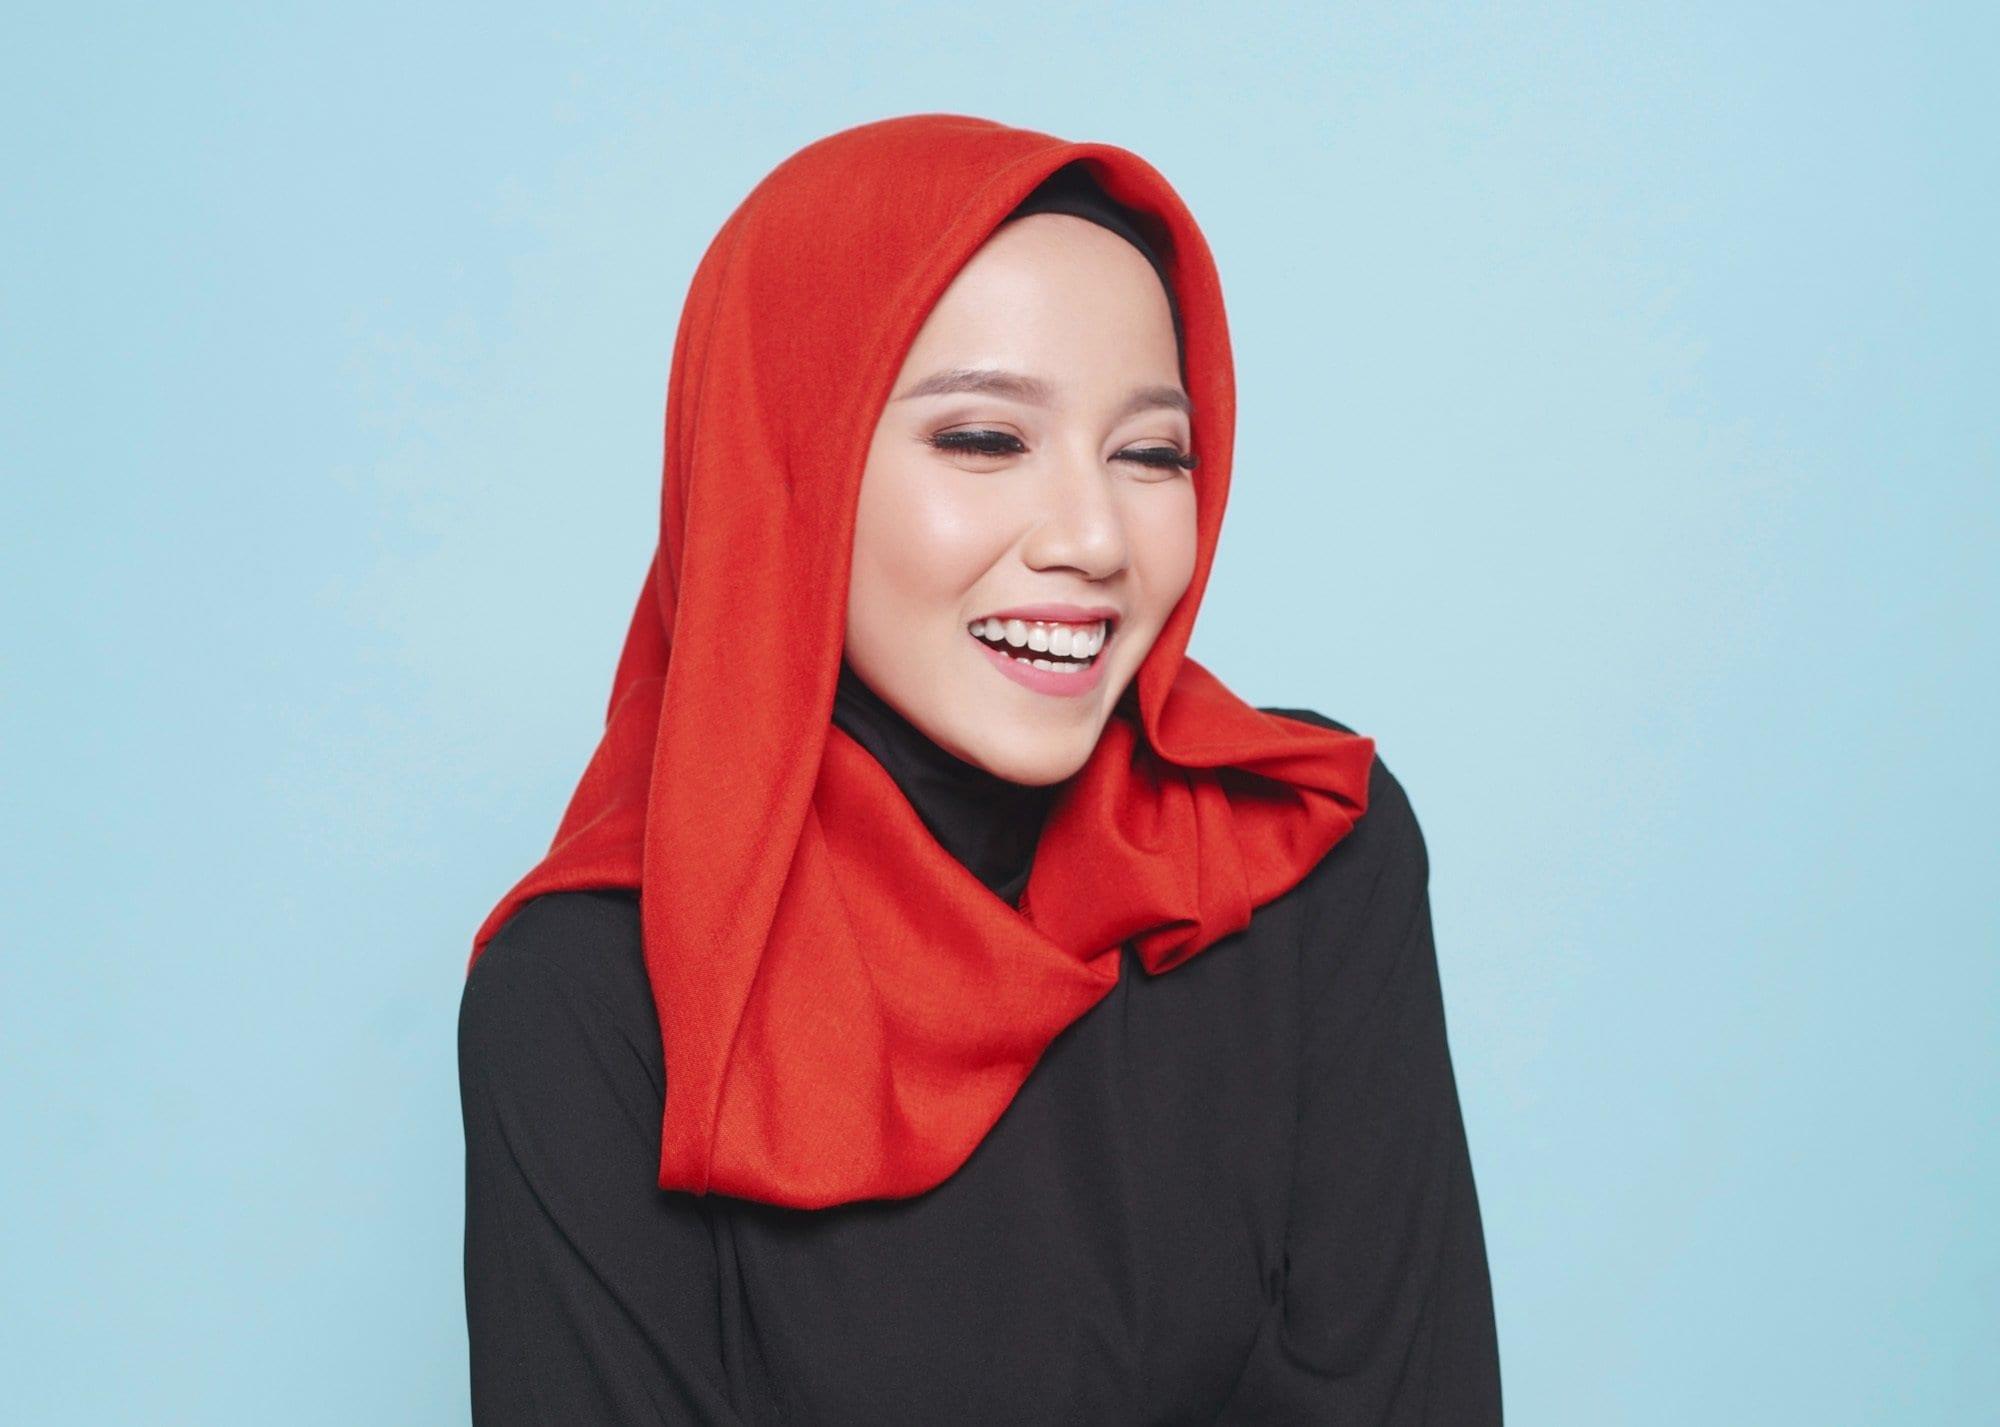 Gaya Hijab Segi Empat Tanpa Jarum Pentul Yang Praktis